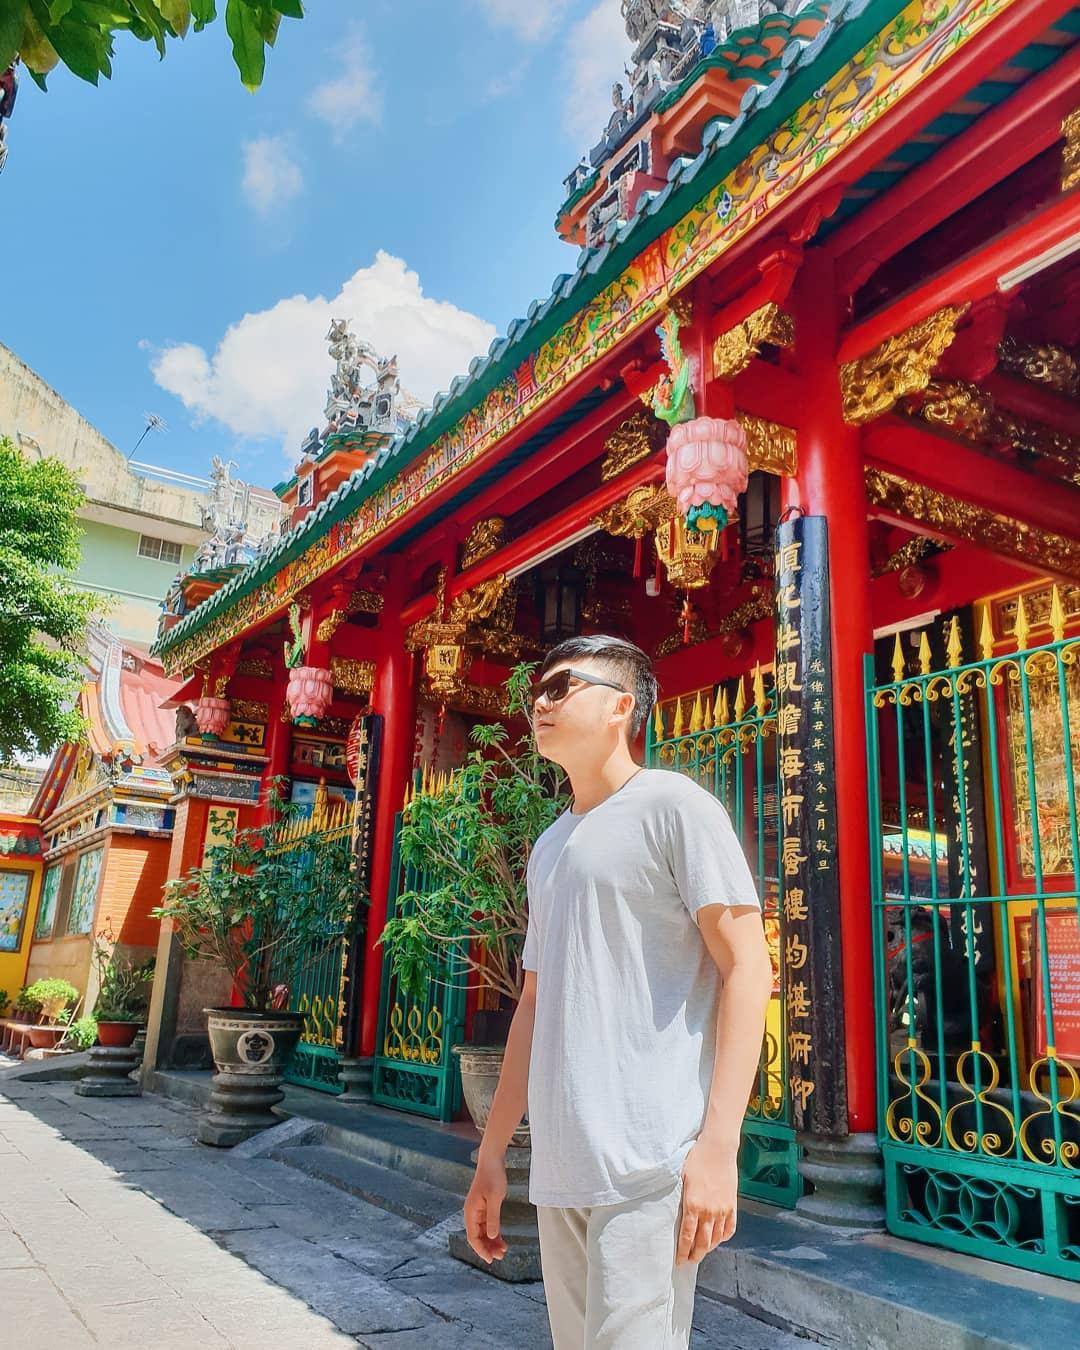 Du lich chau A khong can visa ngay tai TP.HCM hinh anh 5 china3.jpg